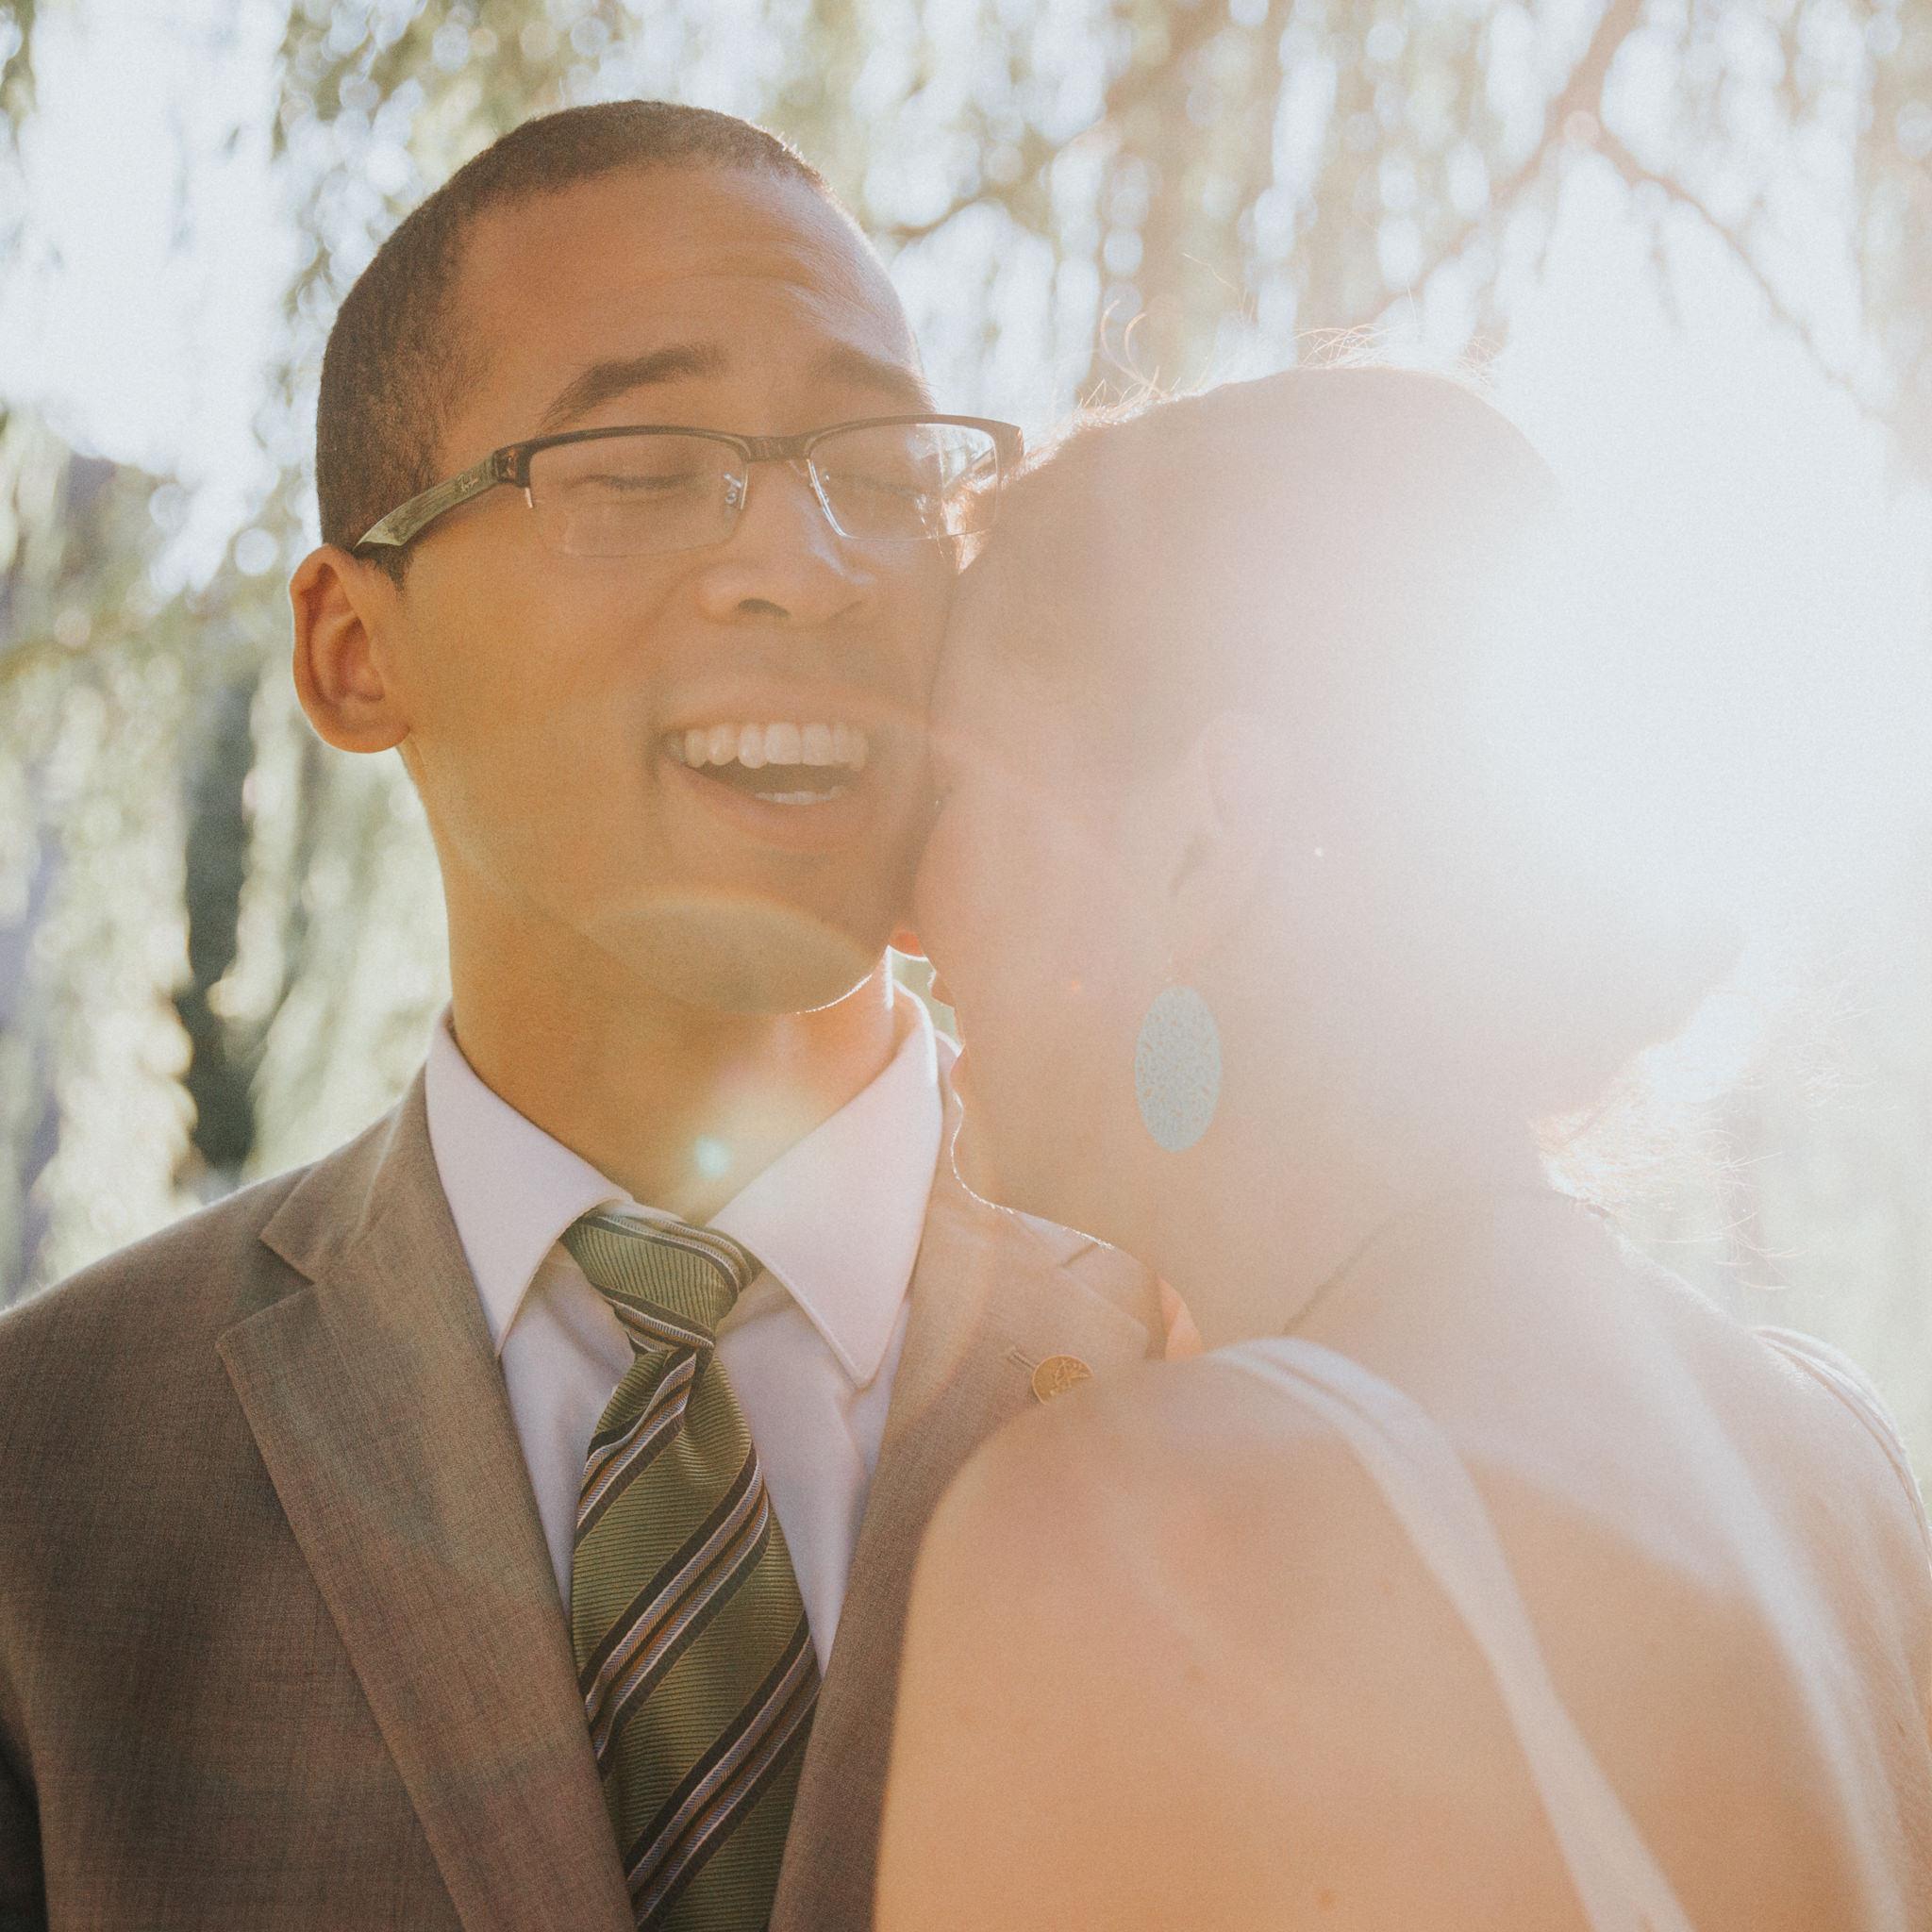 Cathedral Park St. Johns Wedding Photography | Kai Hayashi Photography